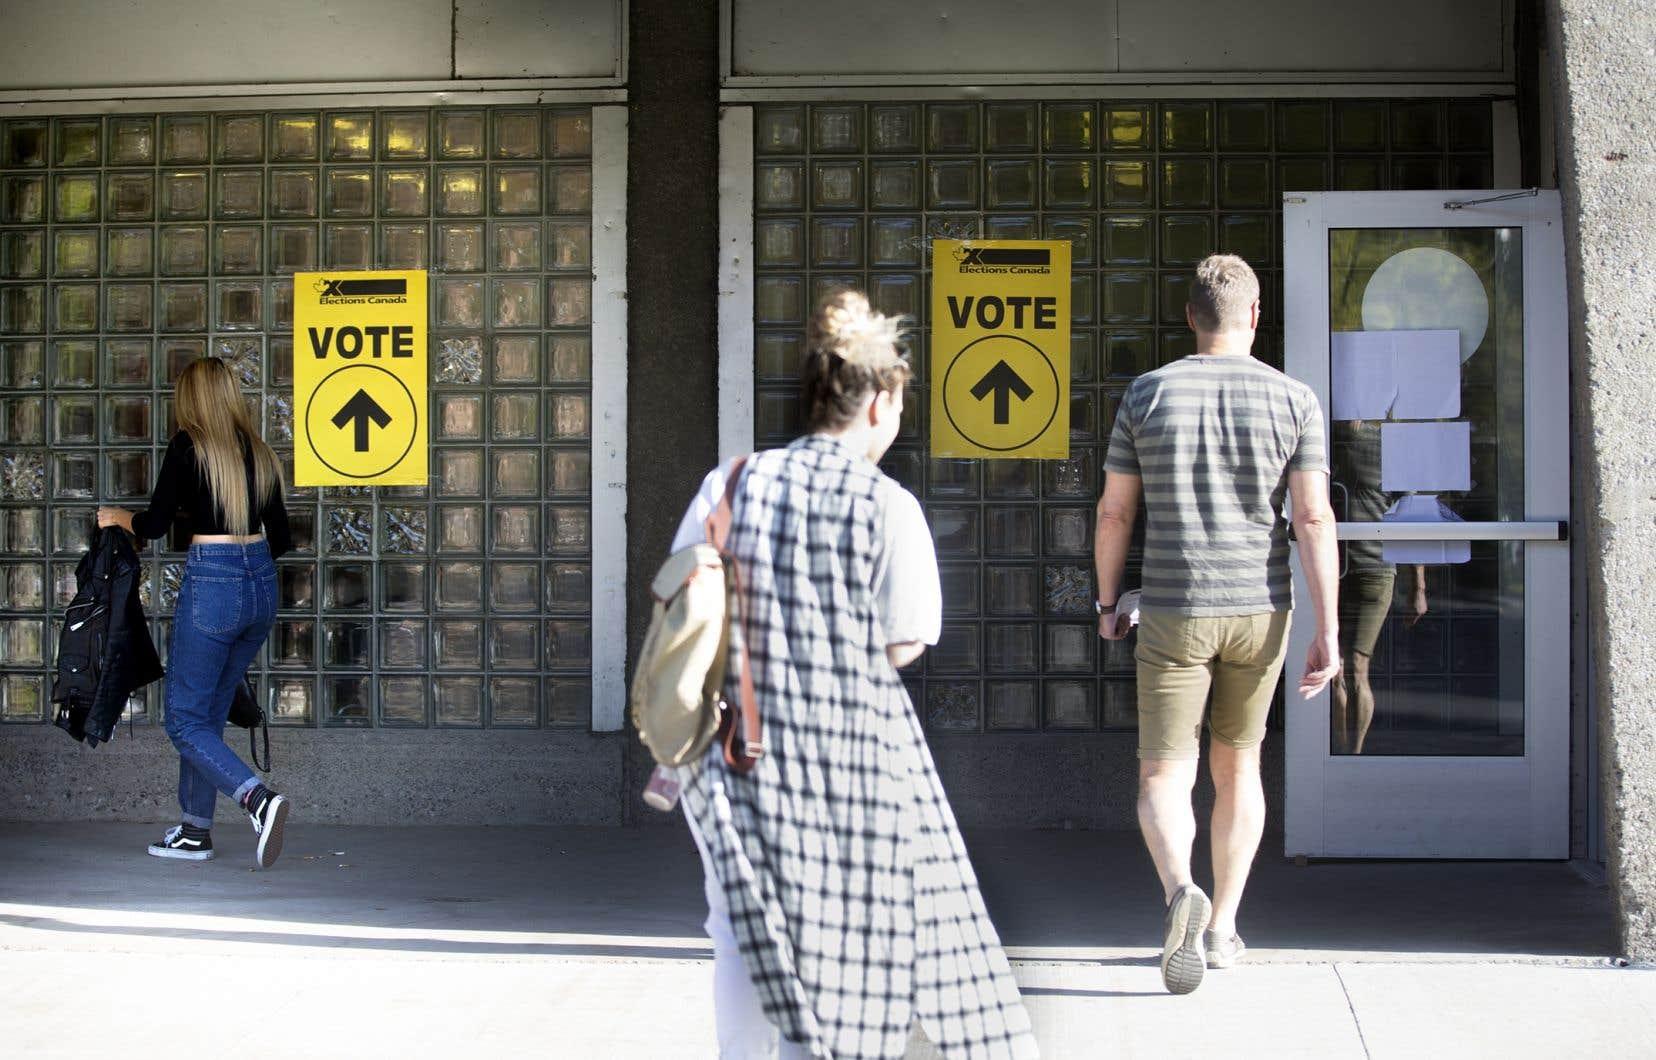 Chez les électeurs québécois, les libéraux sont fortement en avance à 36 % d'appuis, devant le Bloc québécois à 22 % et les conservateurs à 21 %.